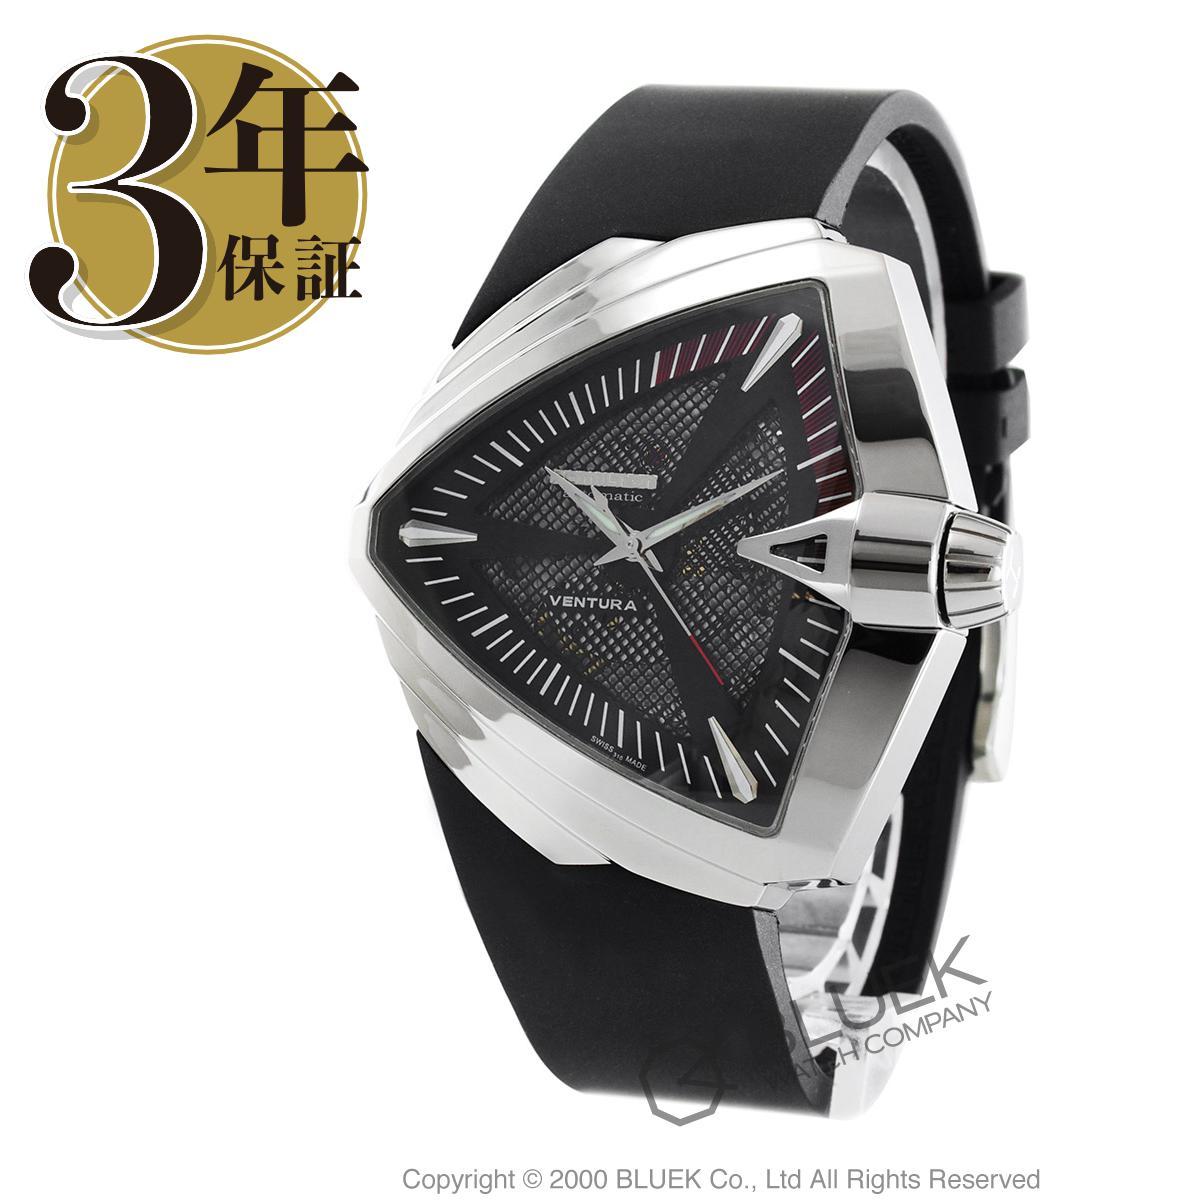 【3,000円OFFクーポン対象】ハミルトン ベンチュラ XXL 腕時計 メンズ HAMILTON H24655331_8